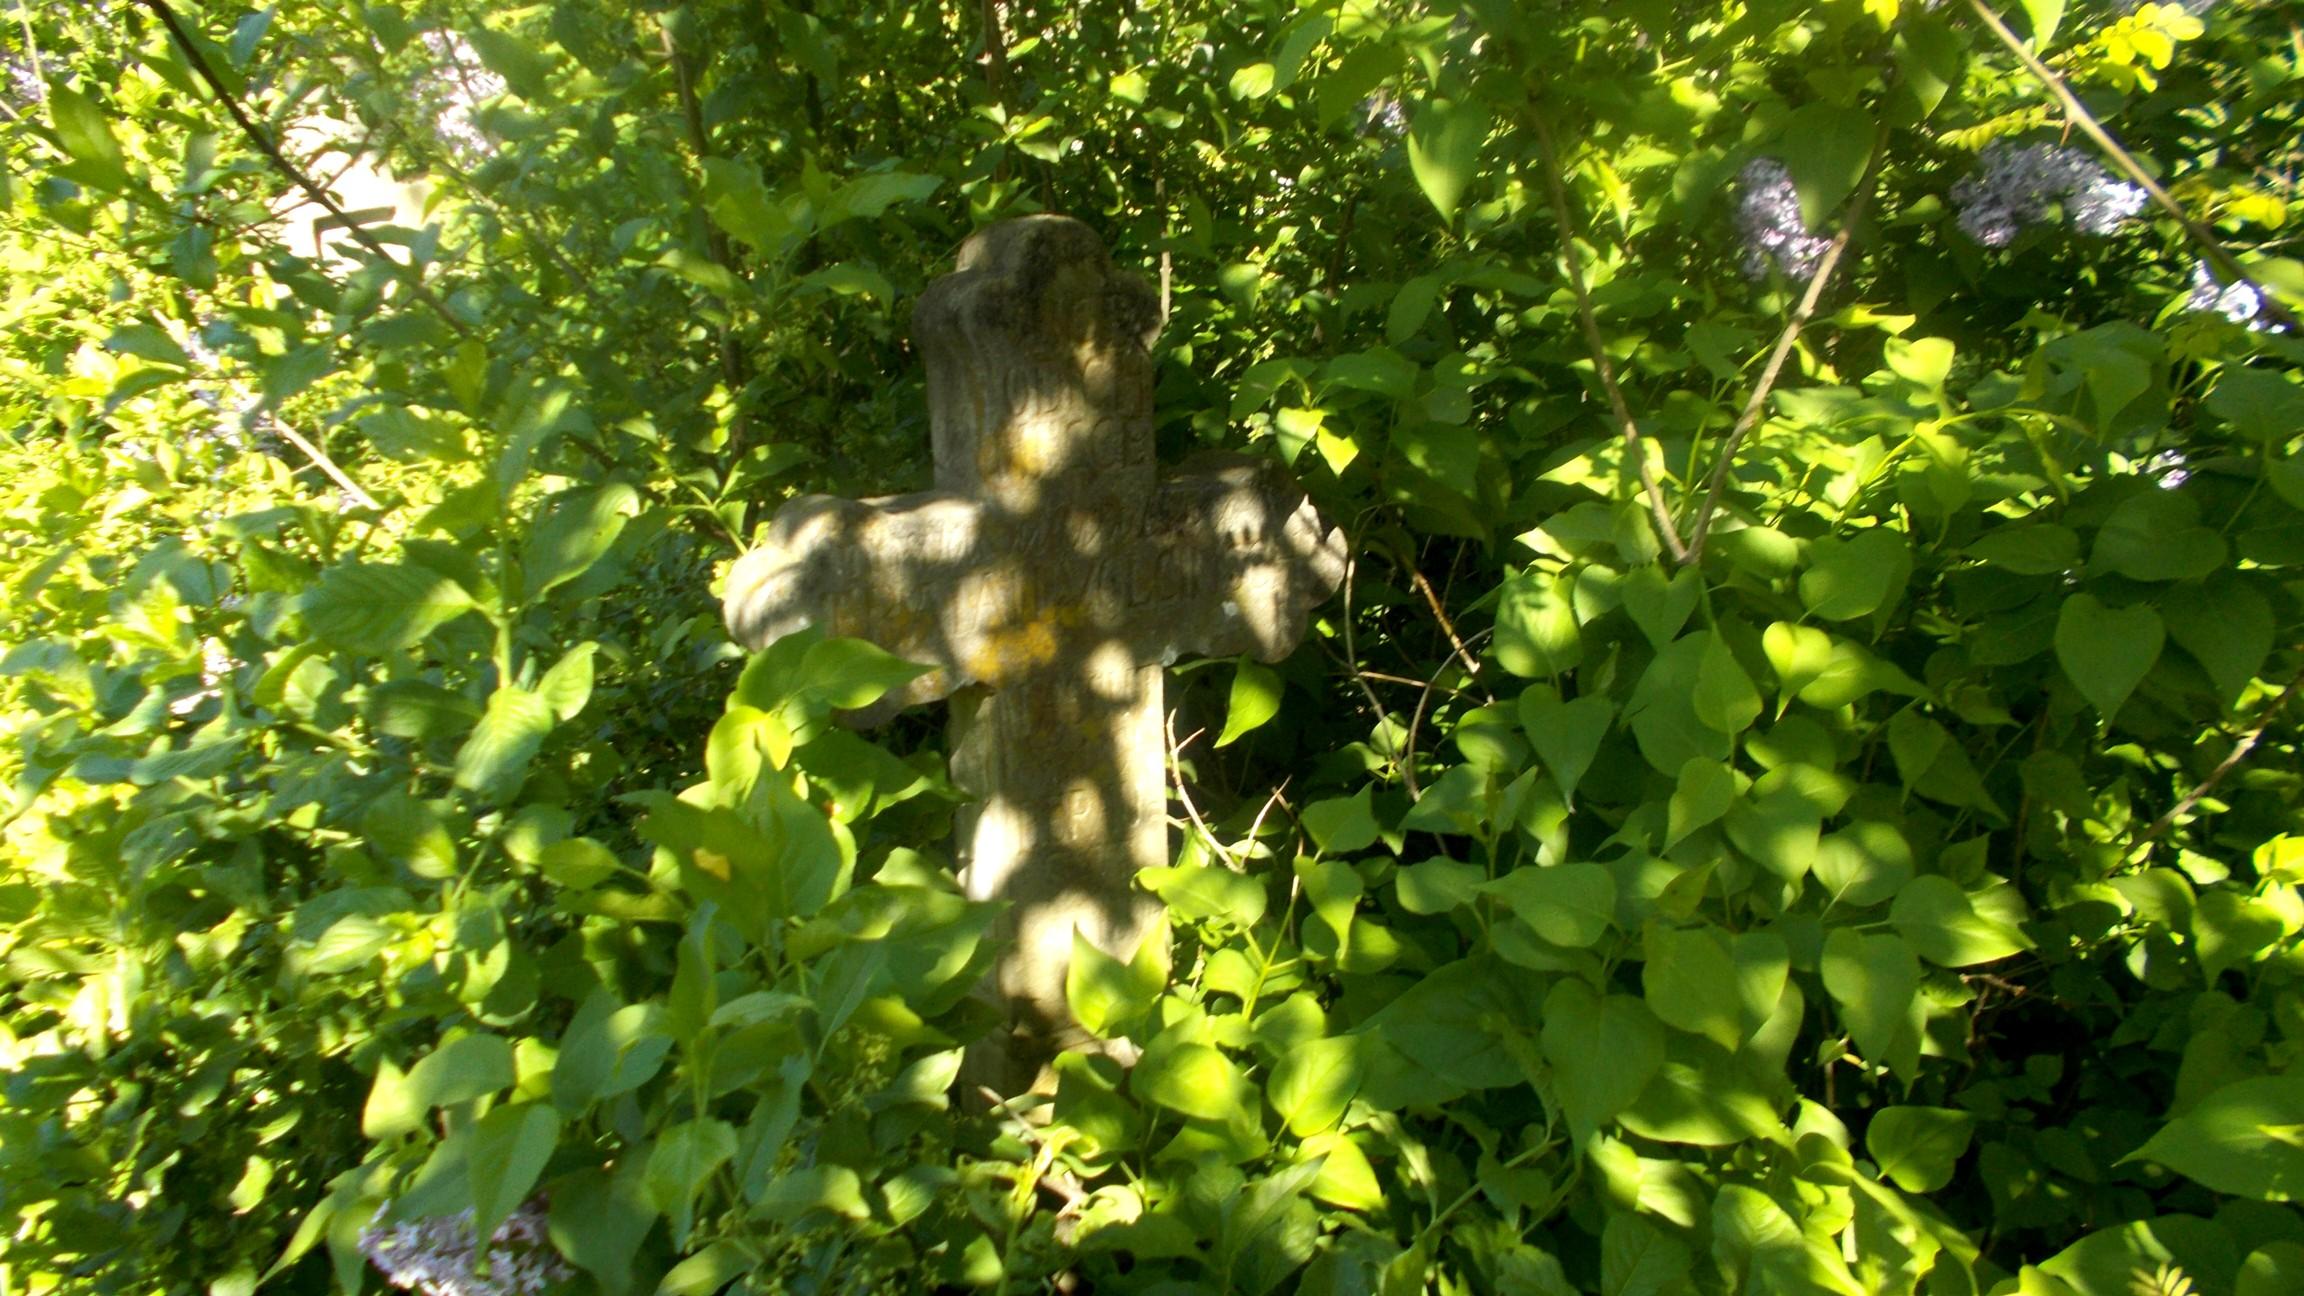 Alt mormânt condamnat la dispariţie